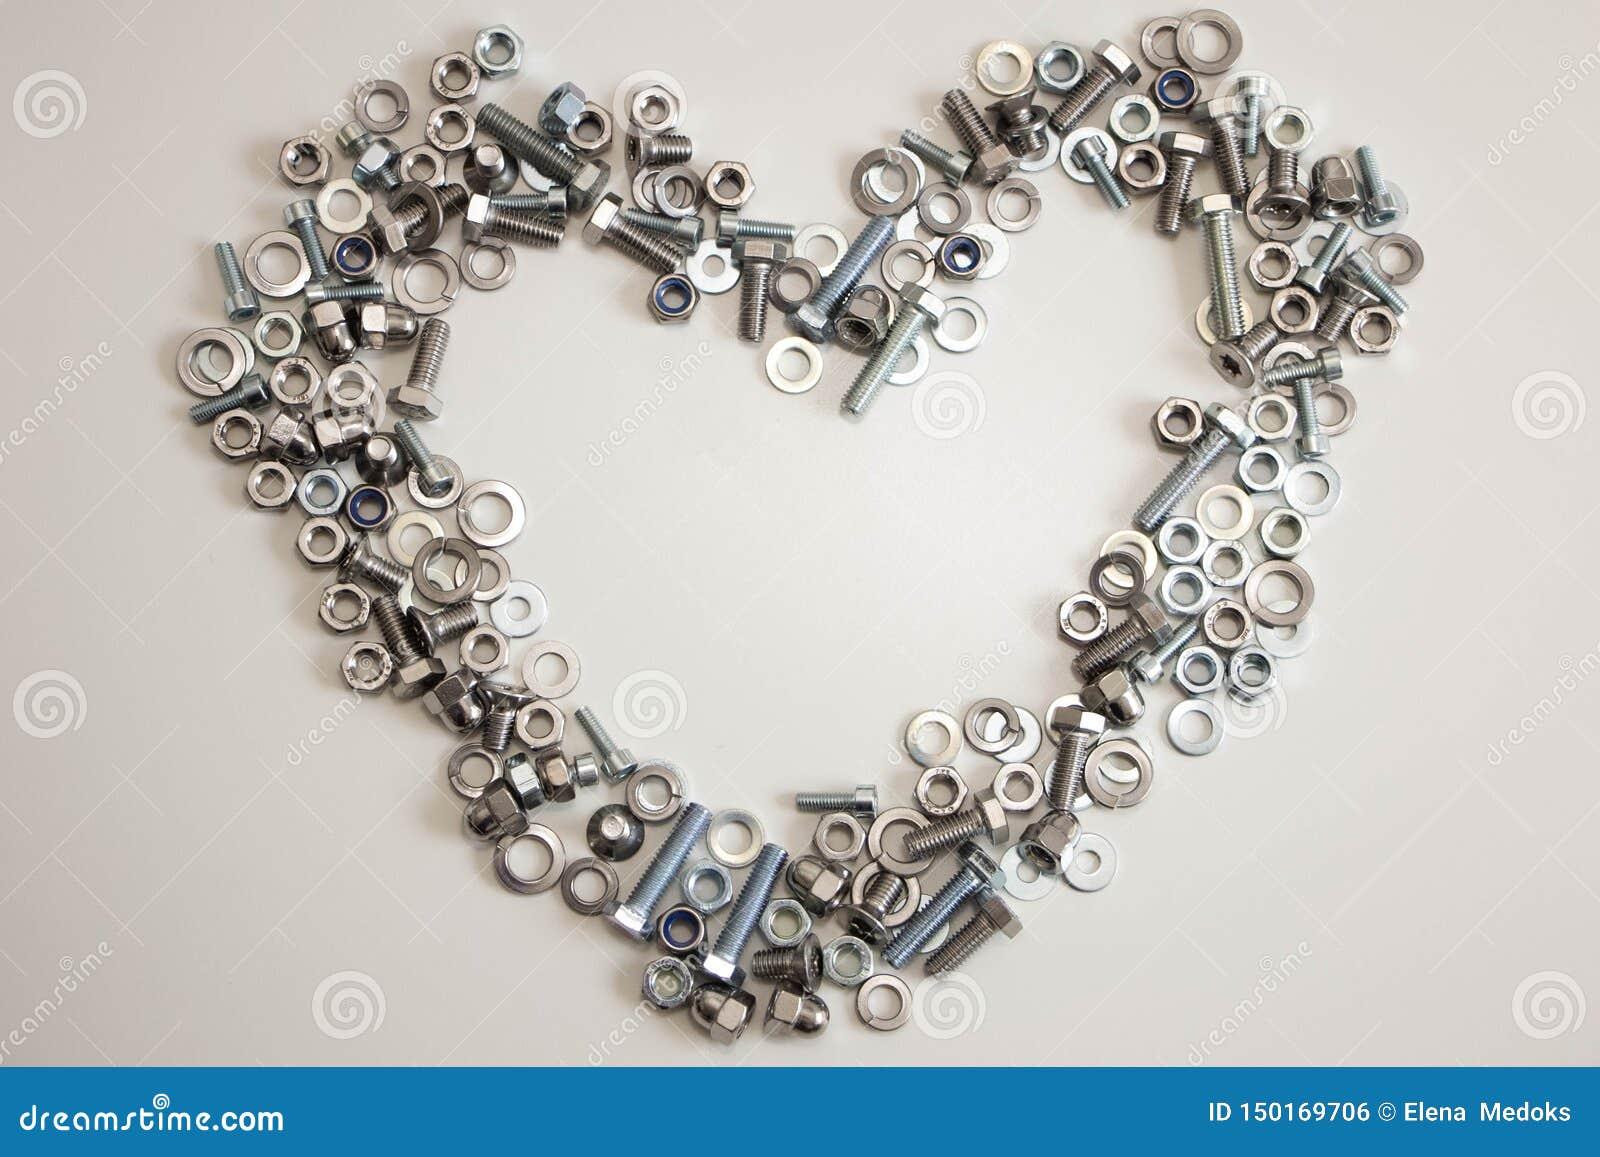 Μια καρδιά ευθυγράμμισε με ποικίλα καρύδια, μπουλόνια, βίδες και πλυντήρια με το κενό διάστημα μέσα σε ένα ανοικτό γκρι υπόβαθρο